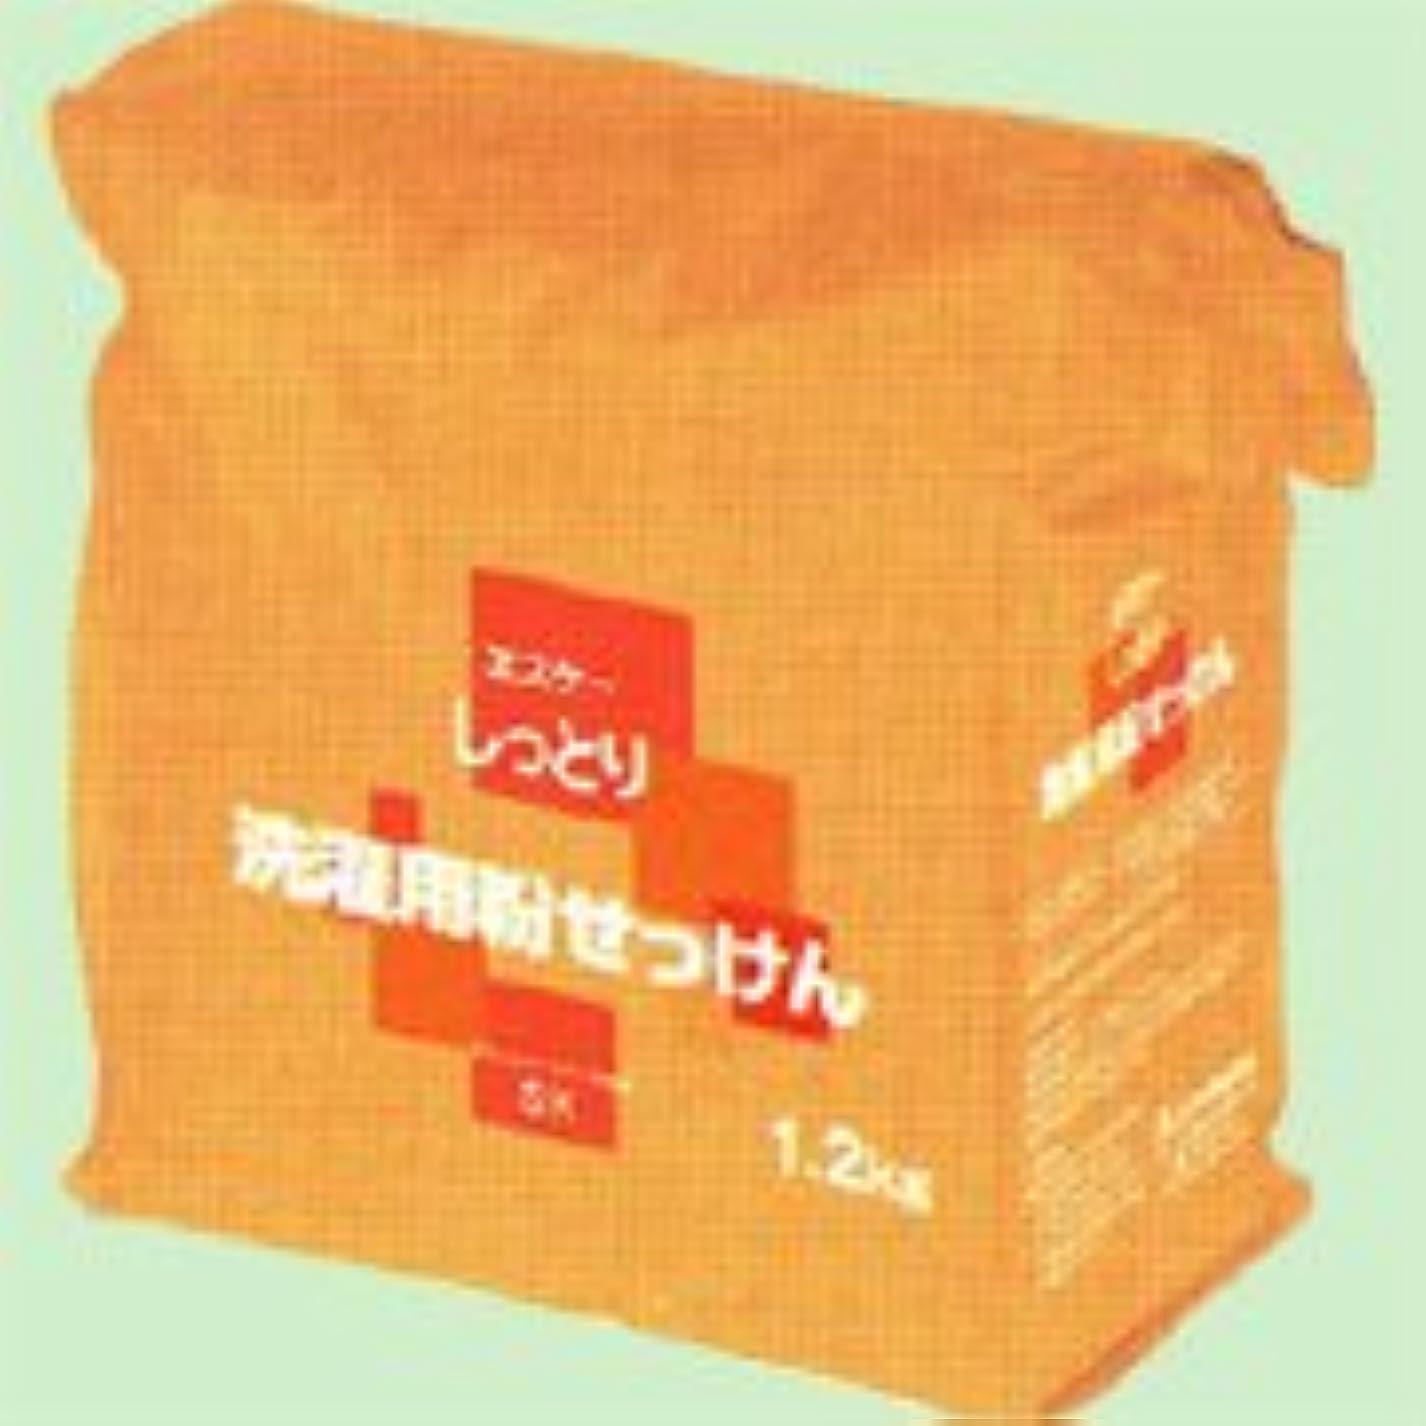 難しいフレームワークフレームワークしっとり洗濯用粉せっけん詰替用 1.2kg   エスケー石鹸